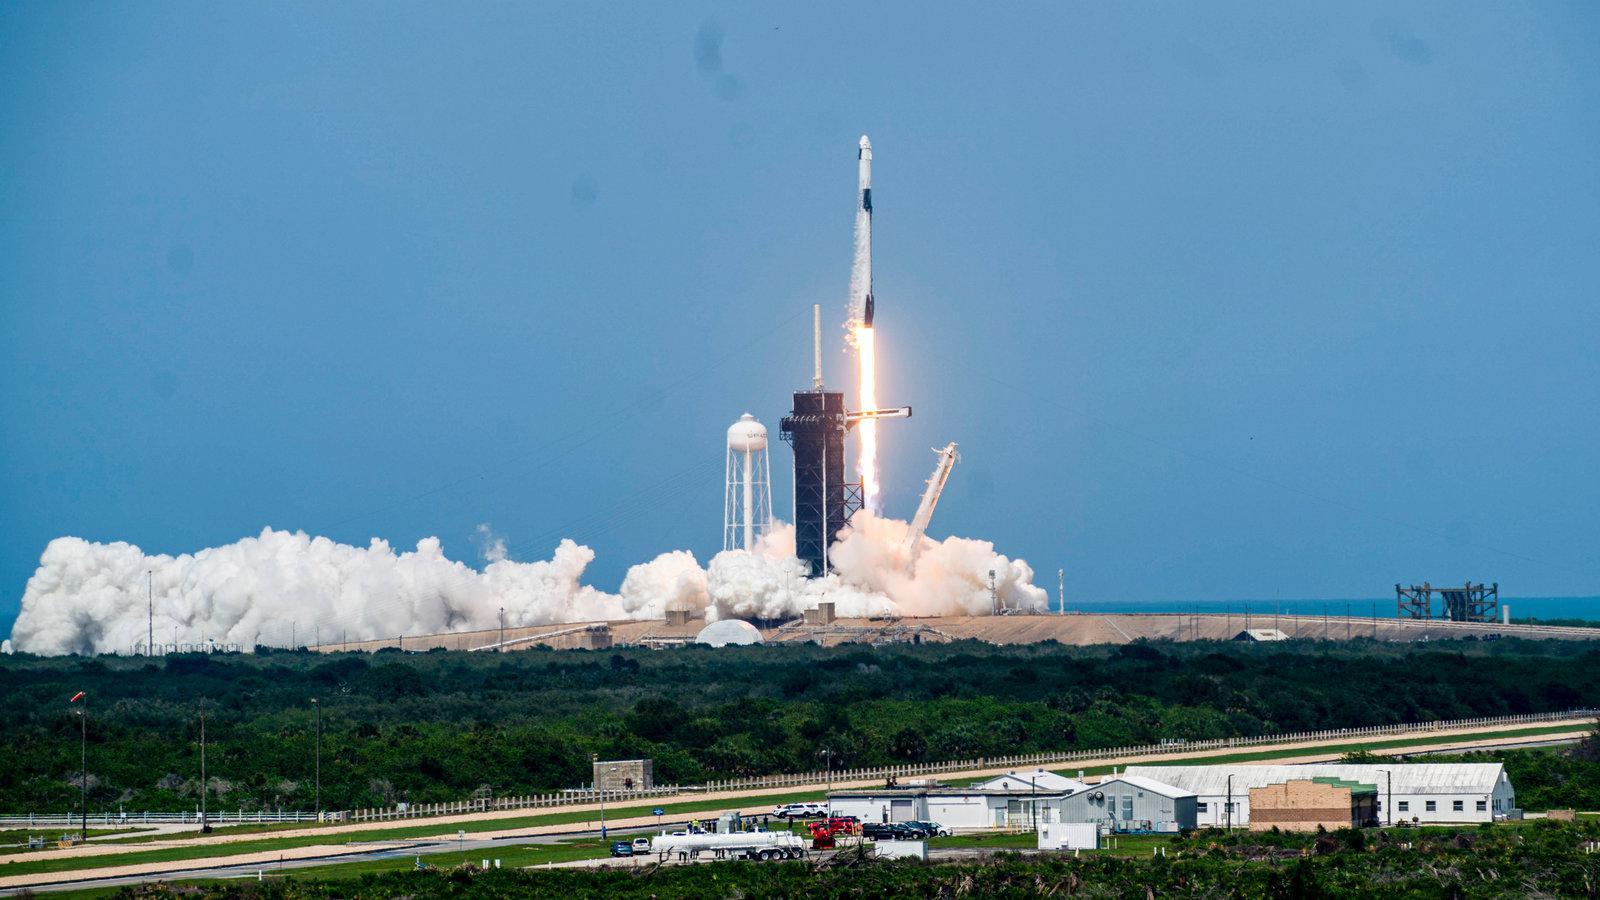 Viaje espacial: la NASA mantiene objetivo de regreso a la luna en 2024